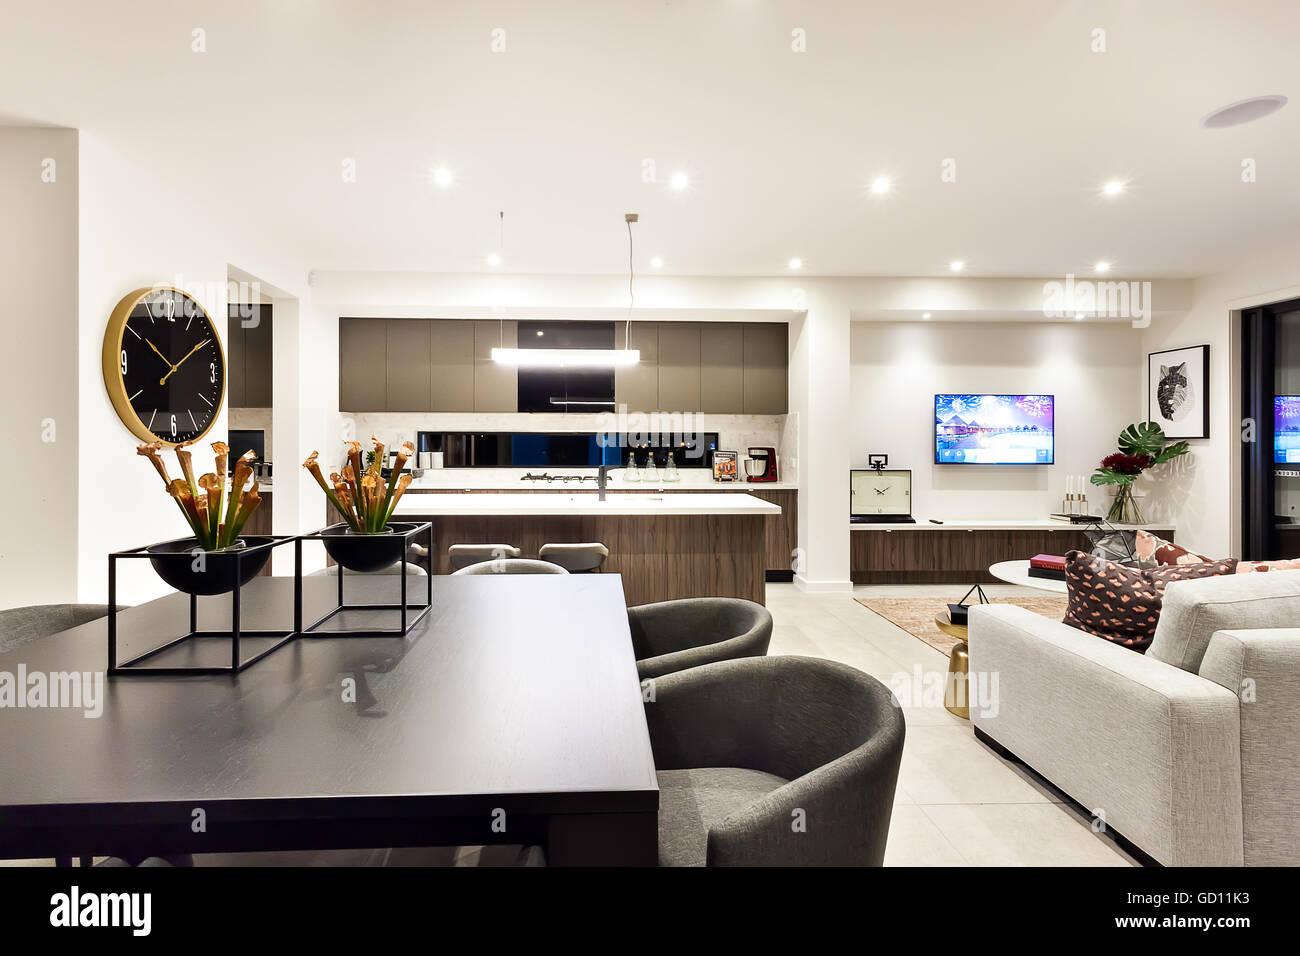 Modernes Wohnzimmer Mit Einem Fernseher Neben Essen Und Küche